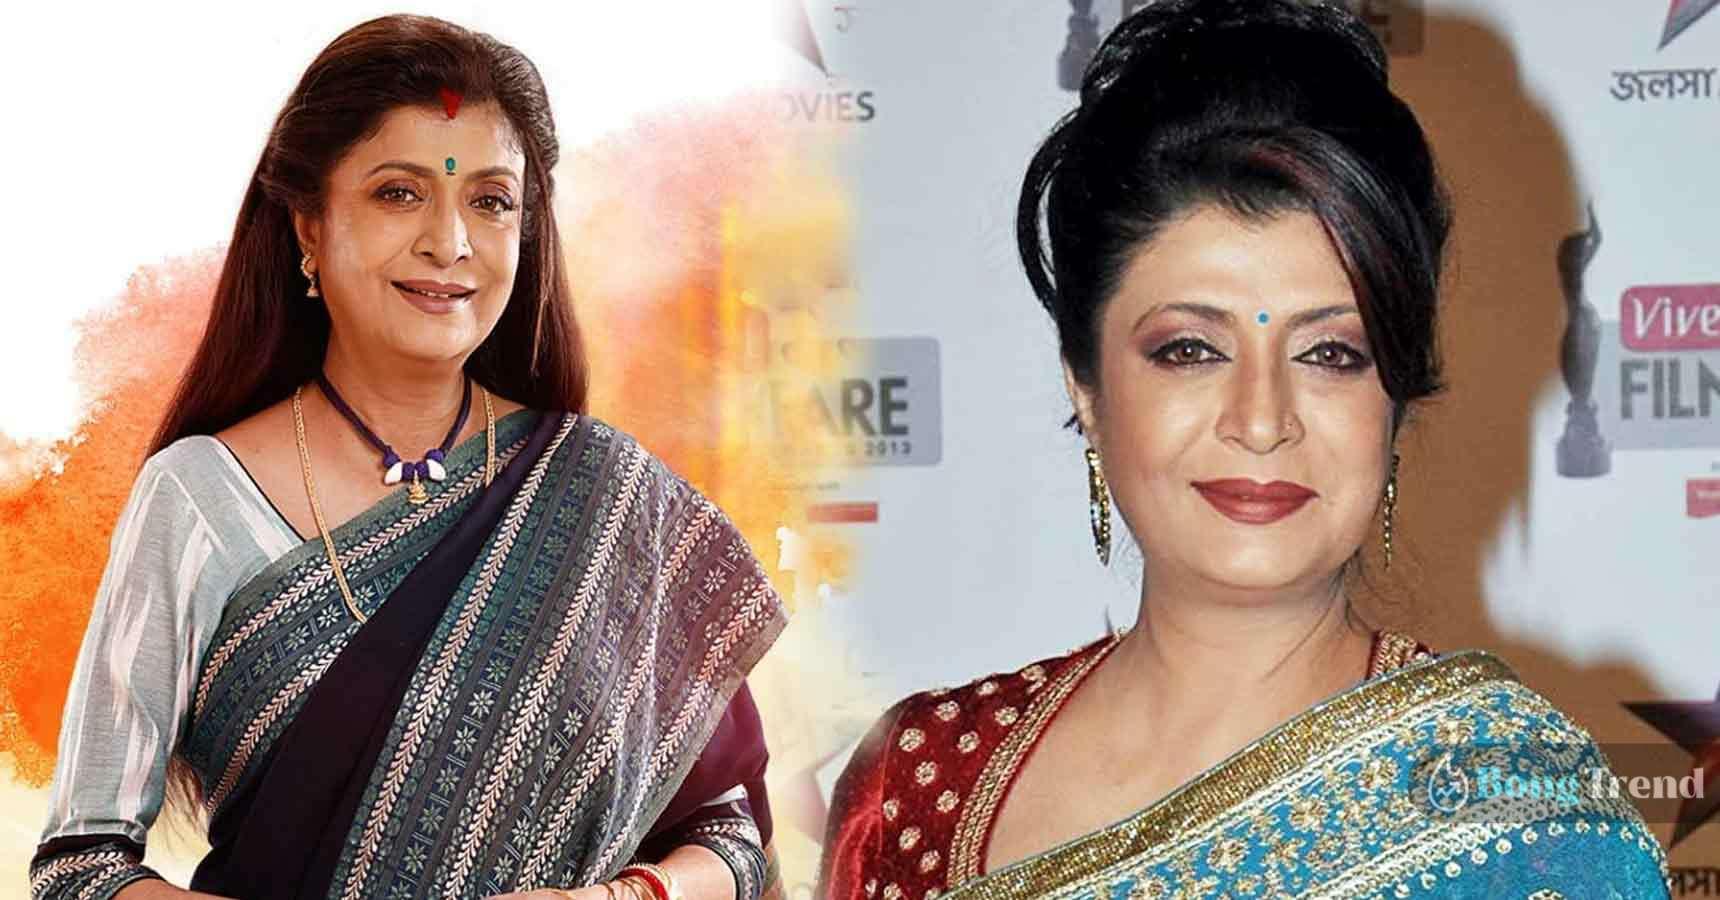 Debashree Roy দেবশ্রী রায় Sarbajaya Serial সর্বজয়া সিরিয়াল